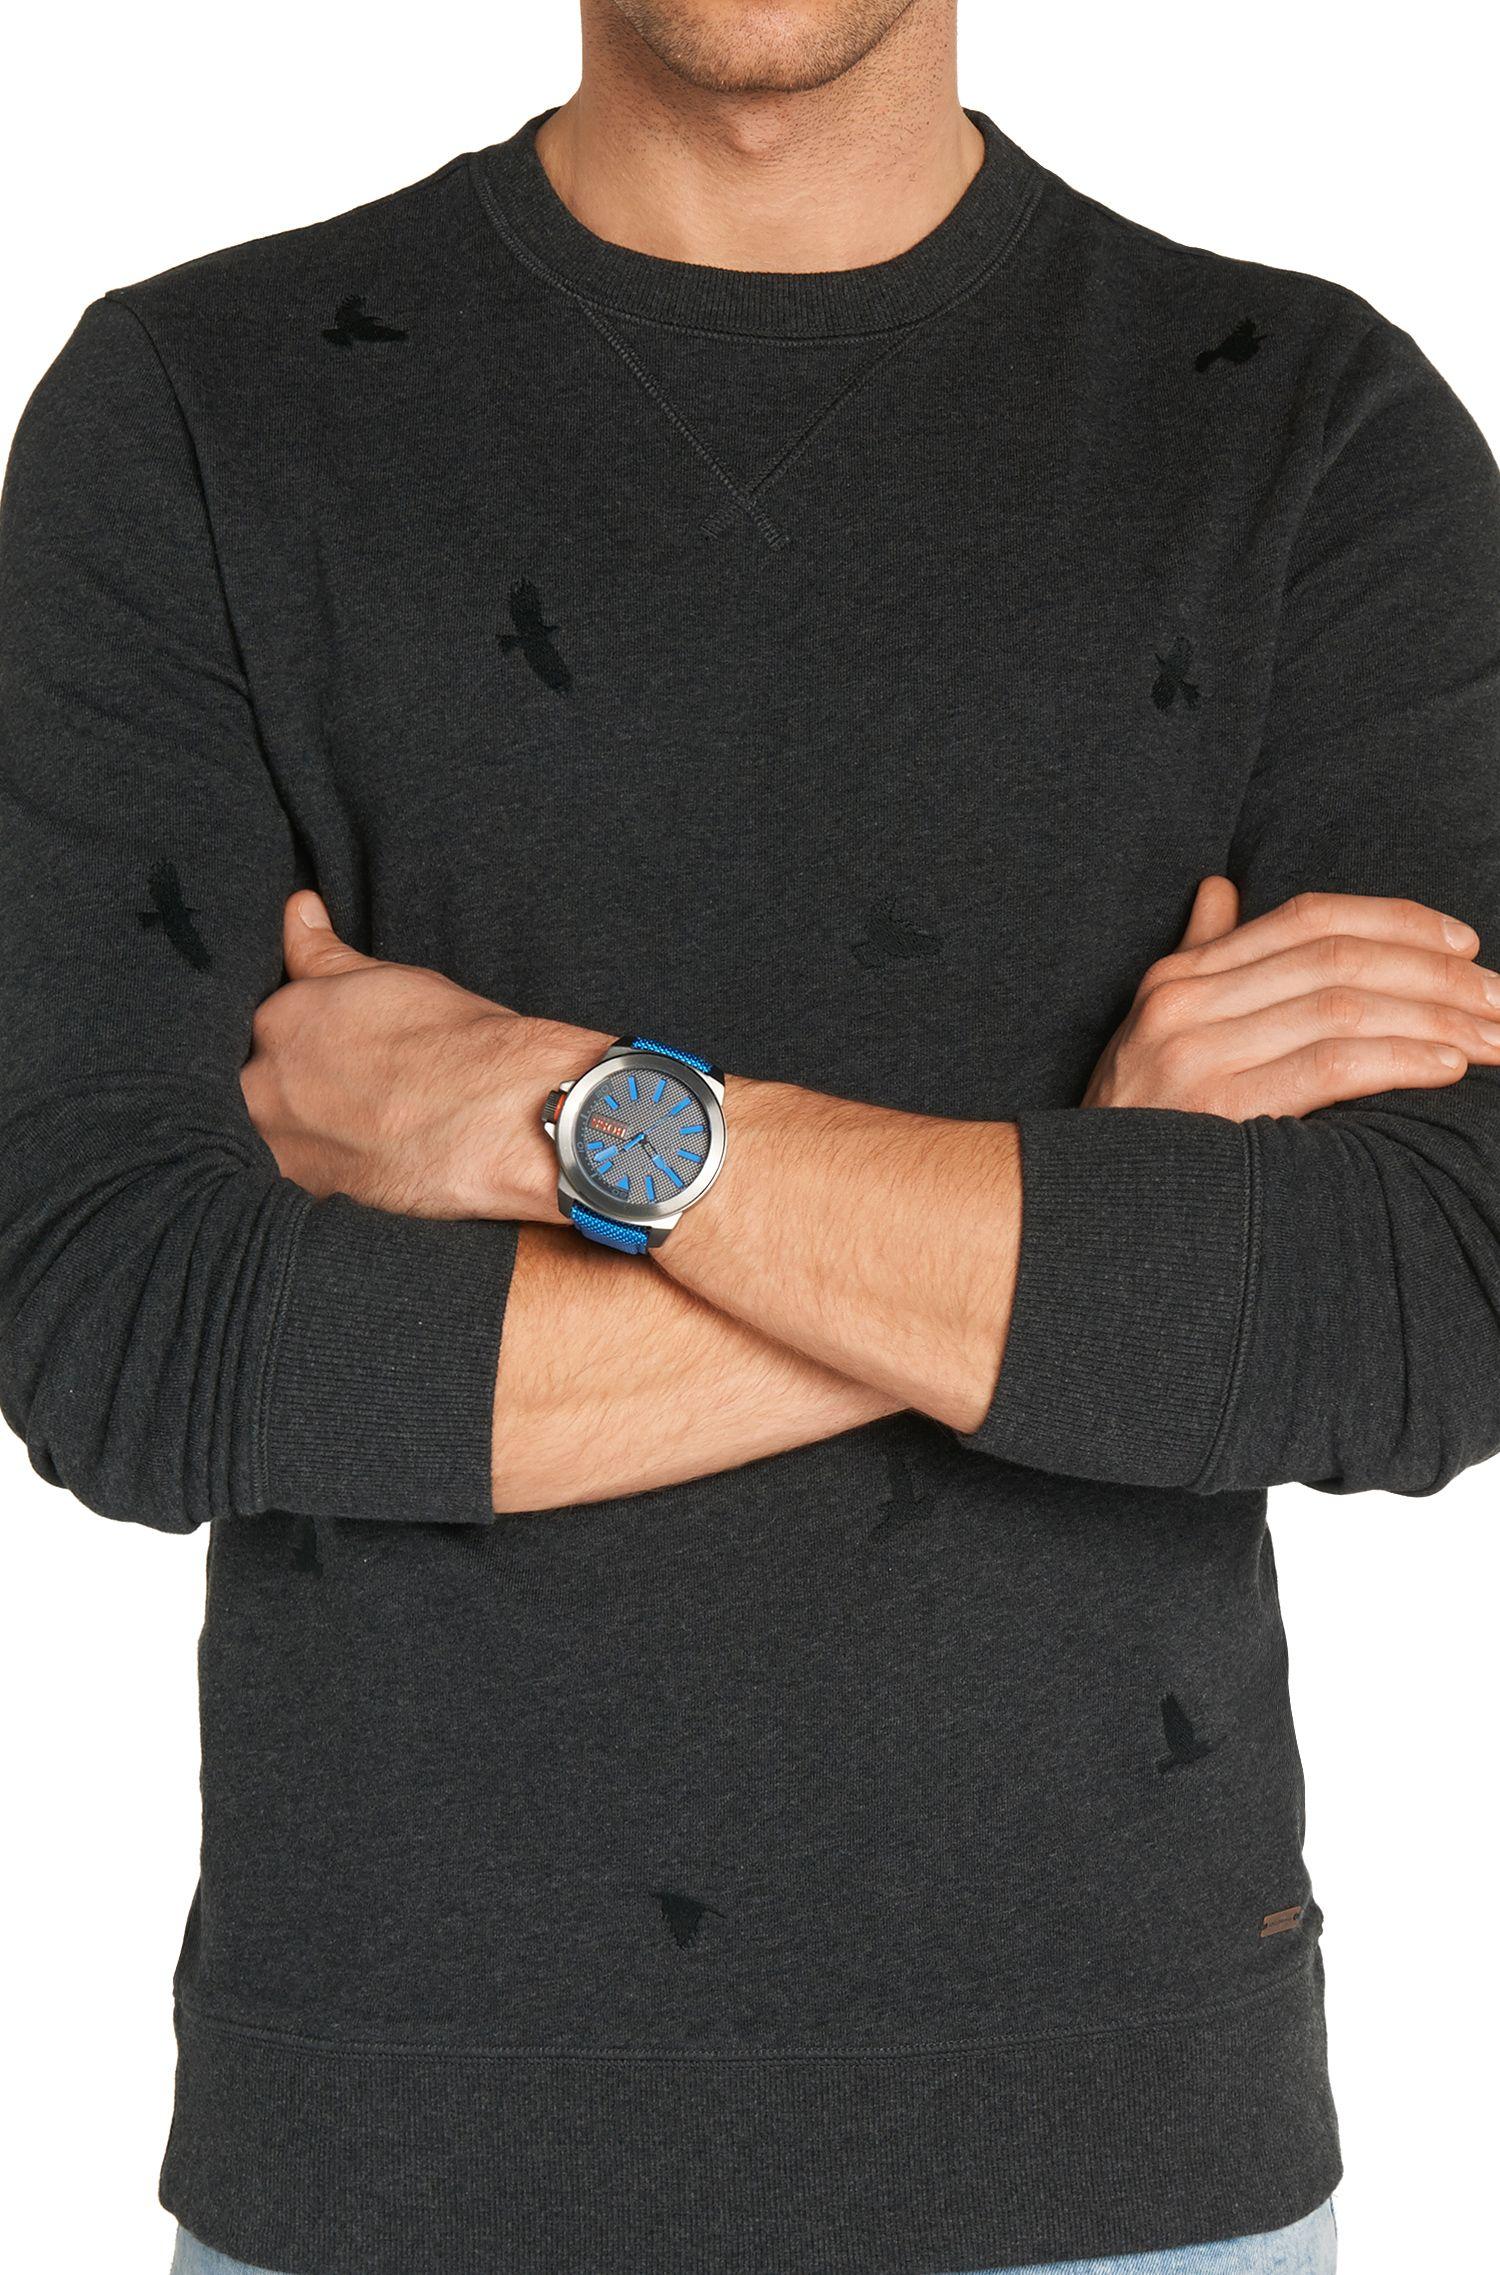 Armbanduhr mit Edelstahlgehäuse: 'Hb2111'